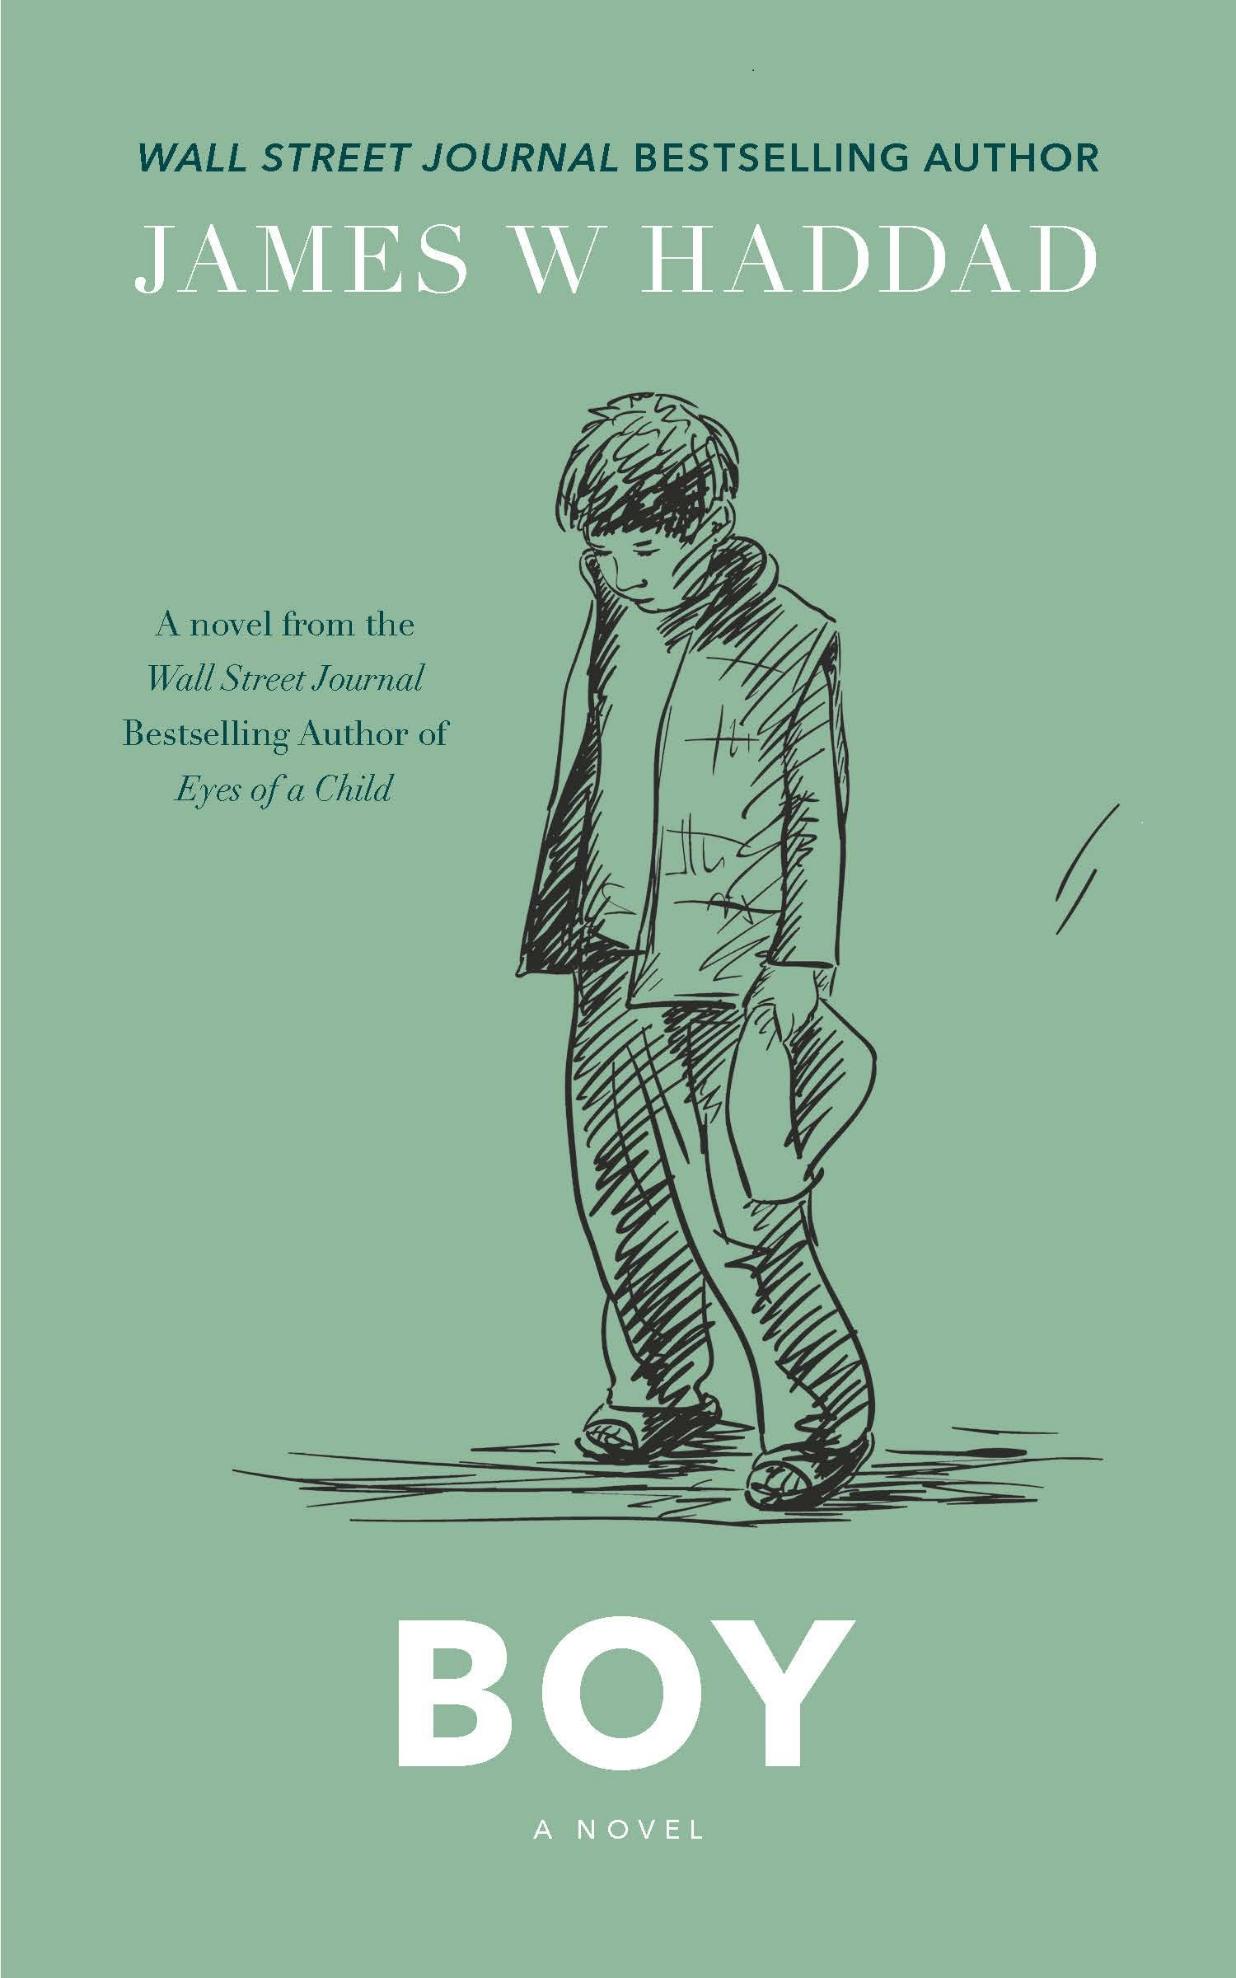 Boy a novel by James W Haddad